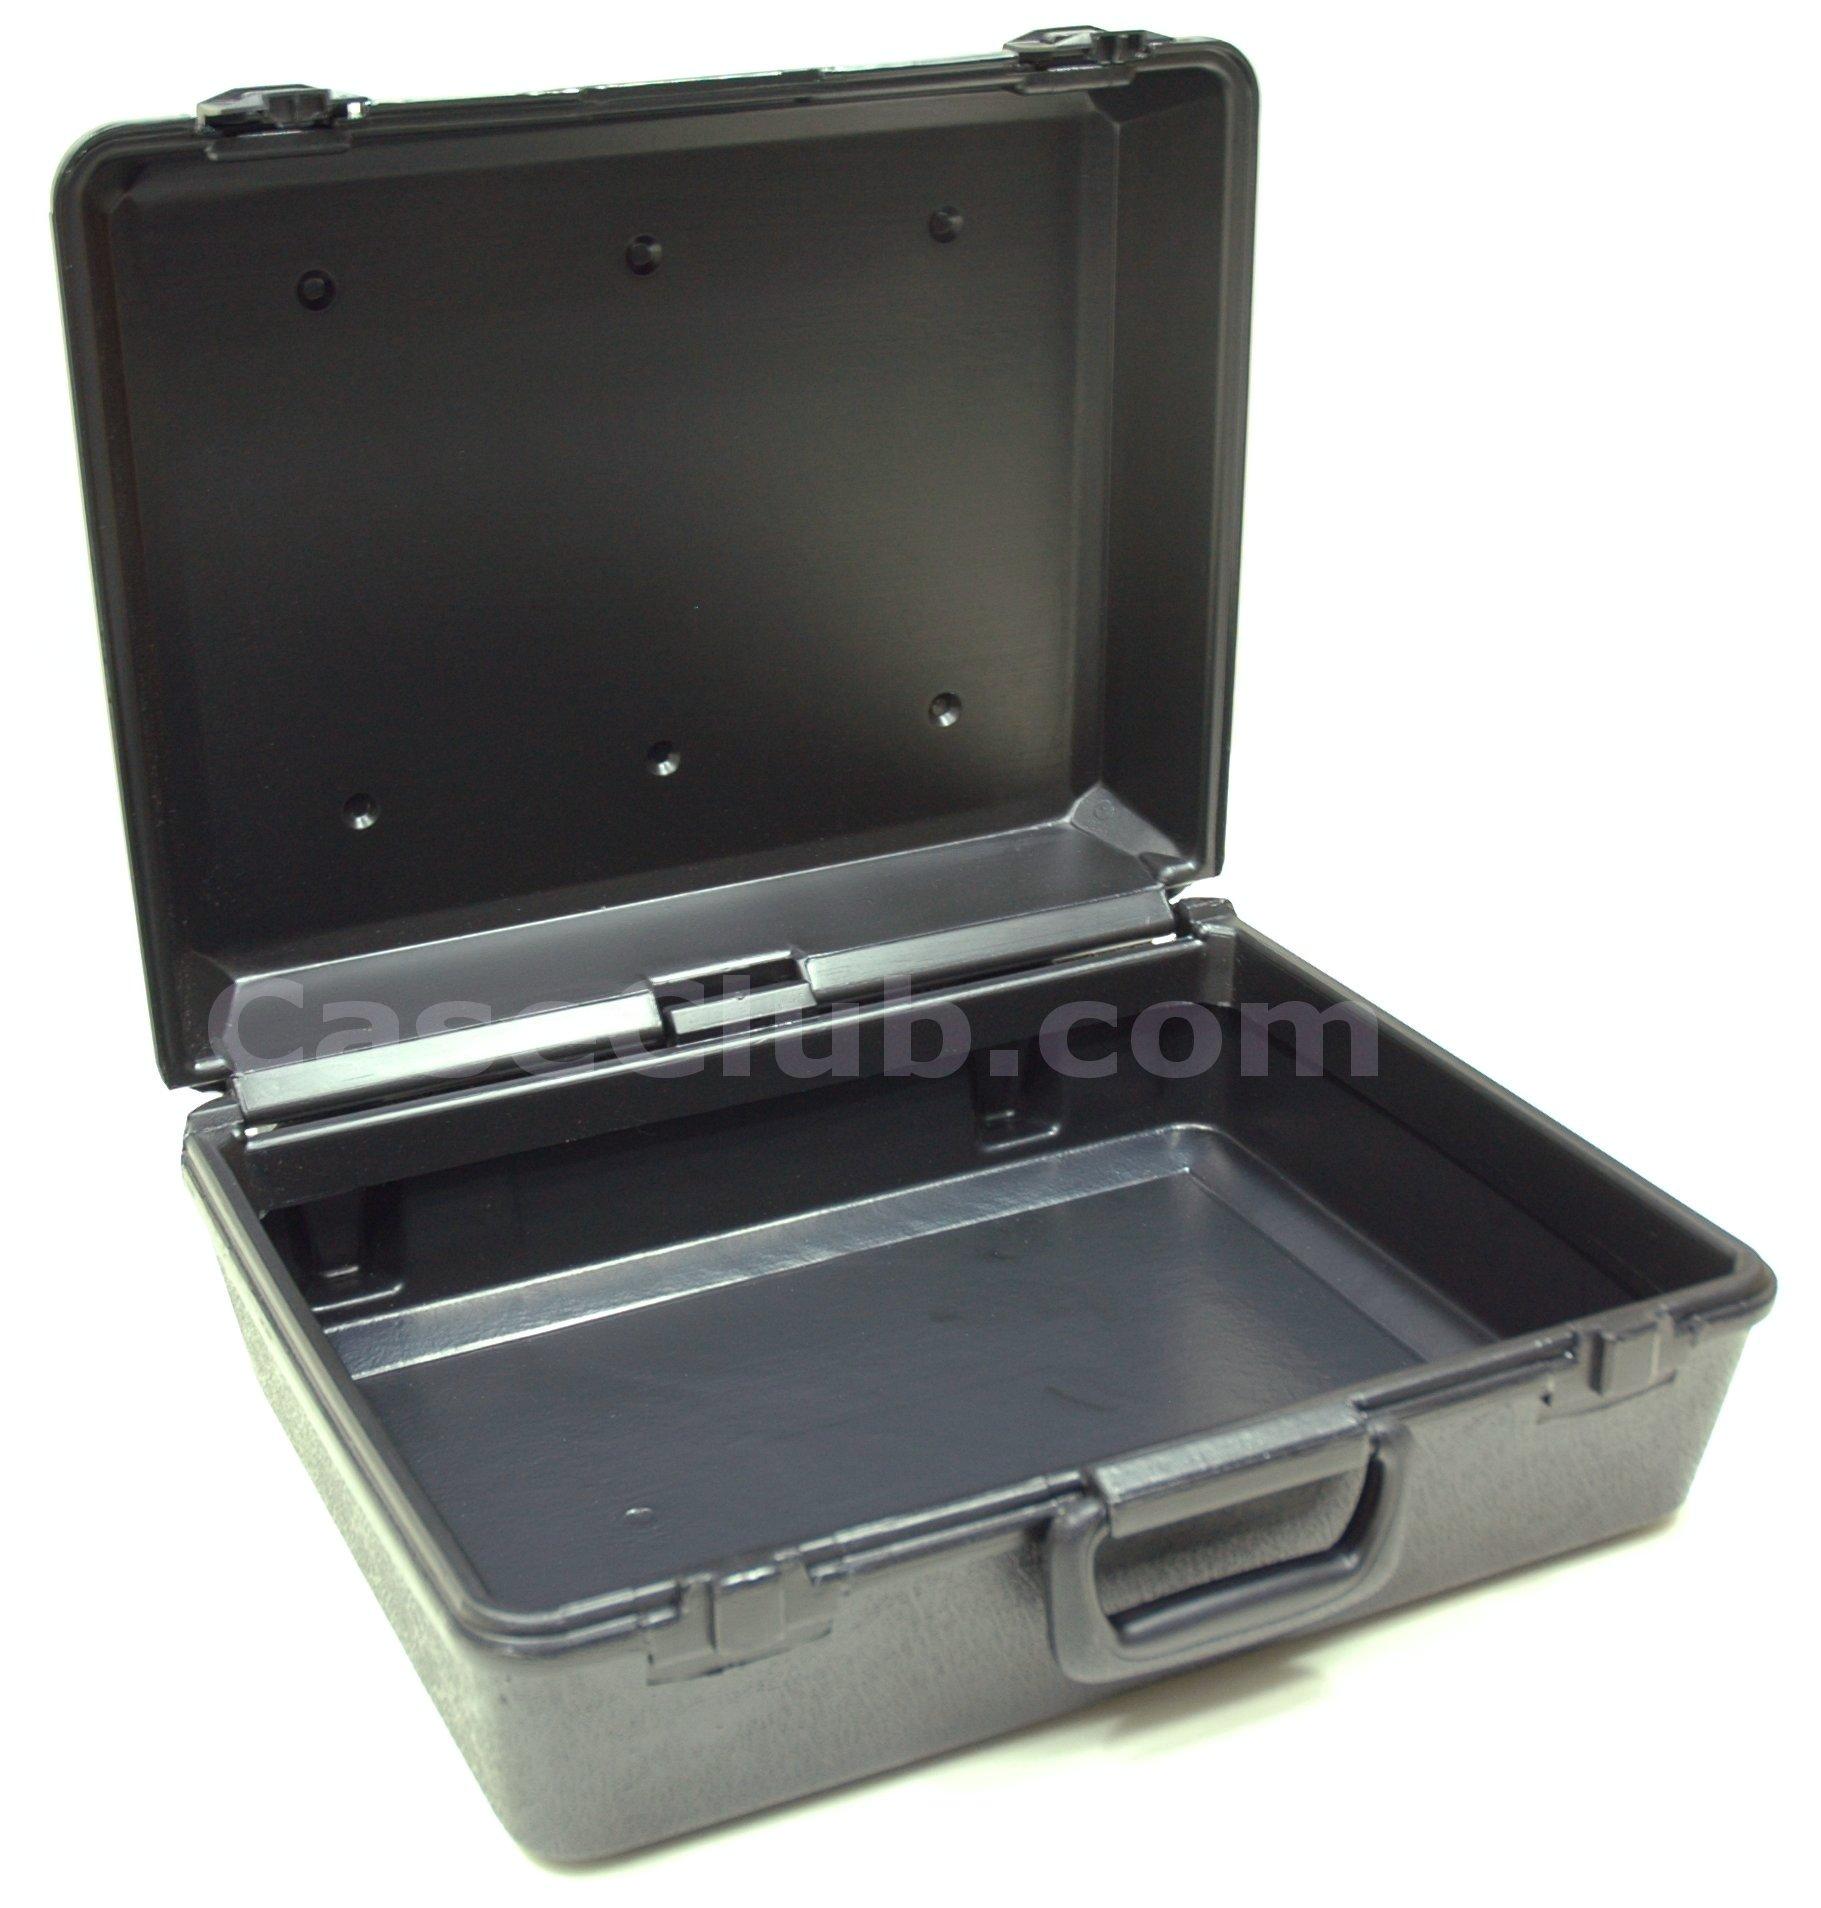 W19x15x7.0 Case